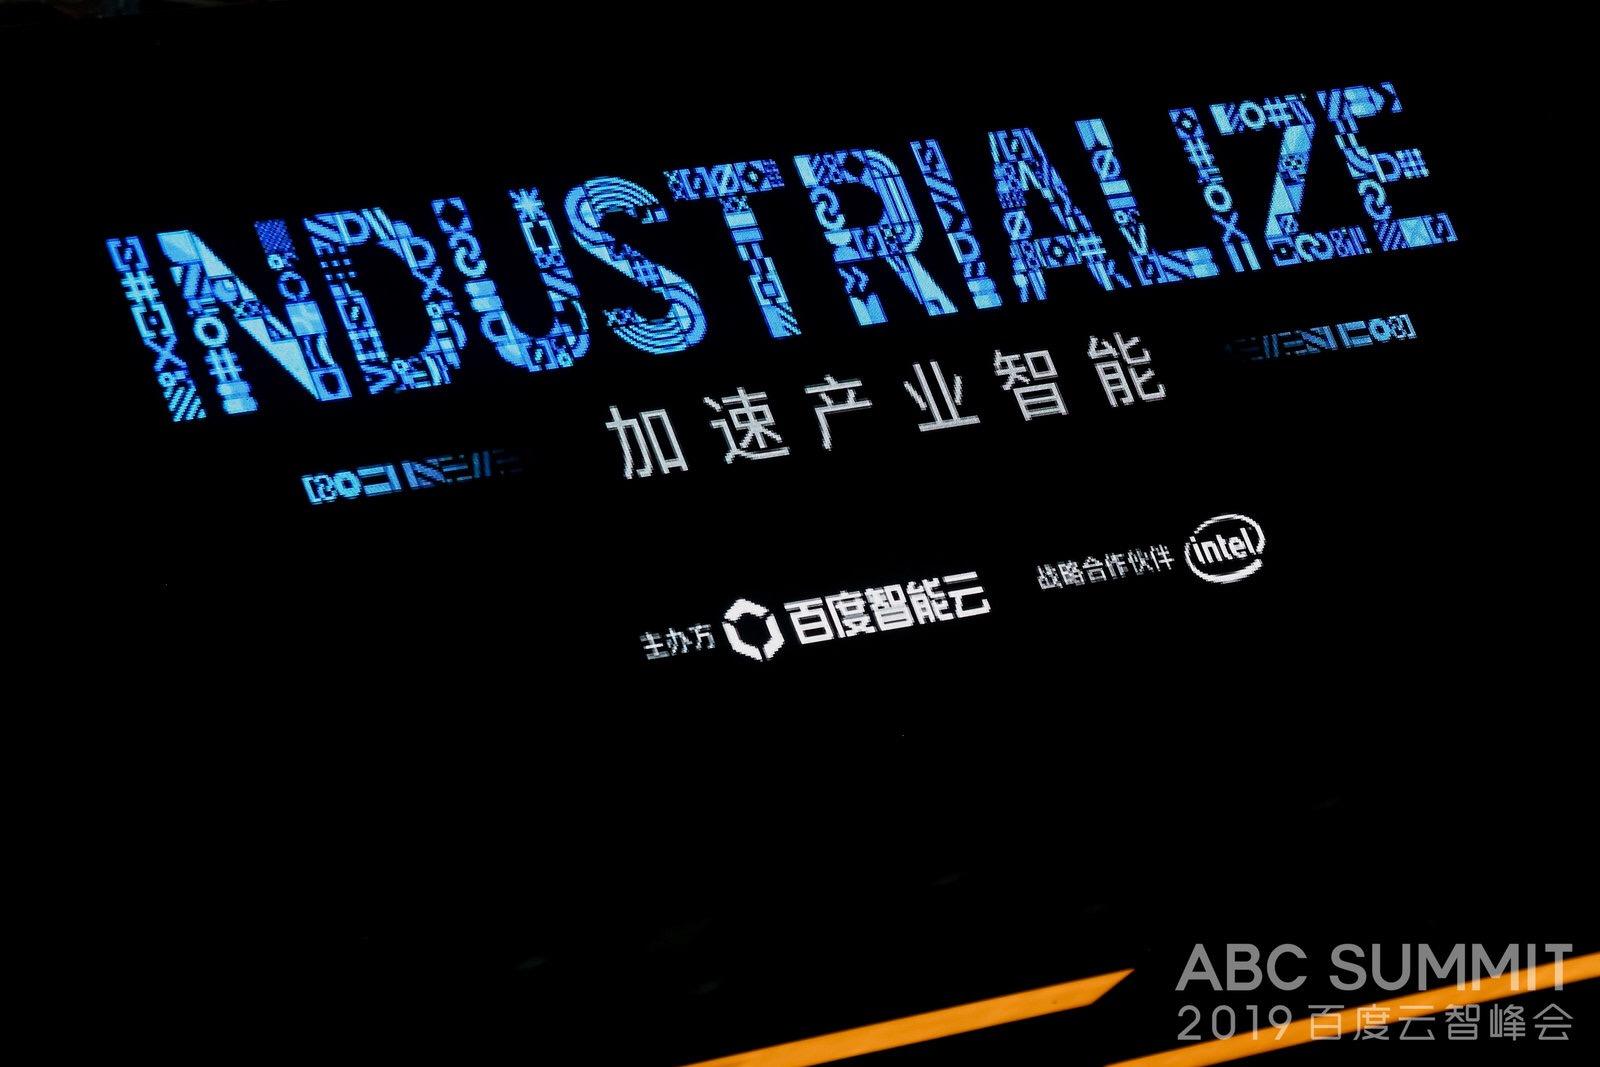 广东耐思智慧科技有限公司,荣获《2019年度百度智能云云市场-年度最佳贡献奖》